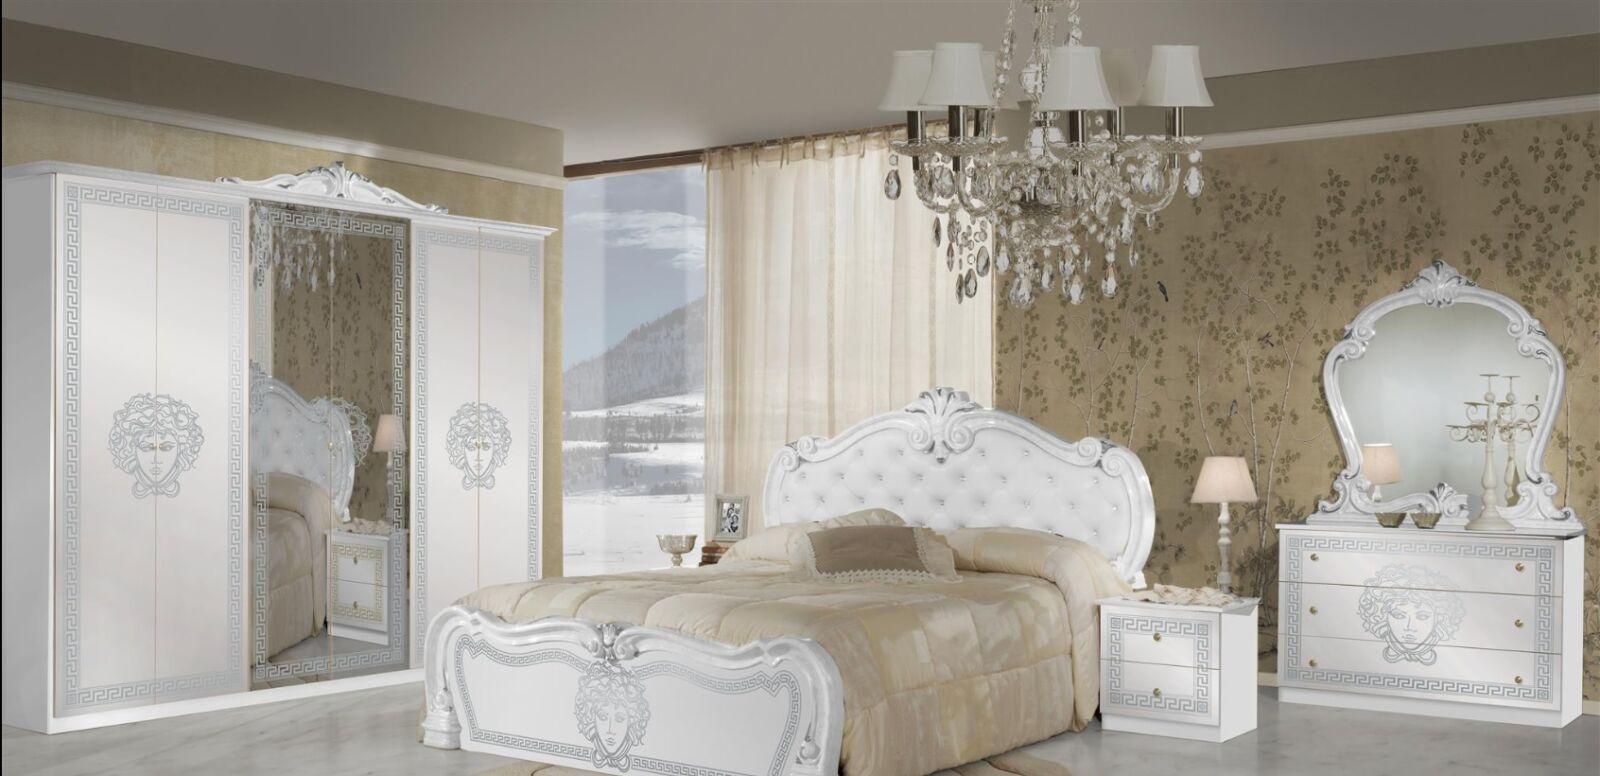 Vilma olasz hálószoba garnitúra, fehér-ezüst színben, 4 ajtós szekrénnyel és 160 cm-es ággyal